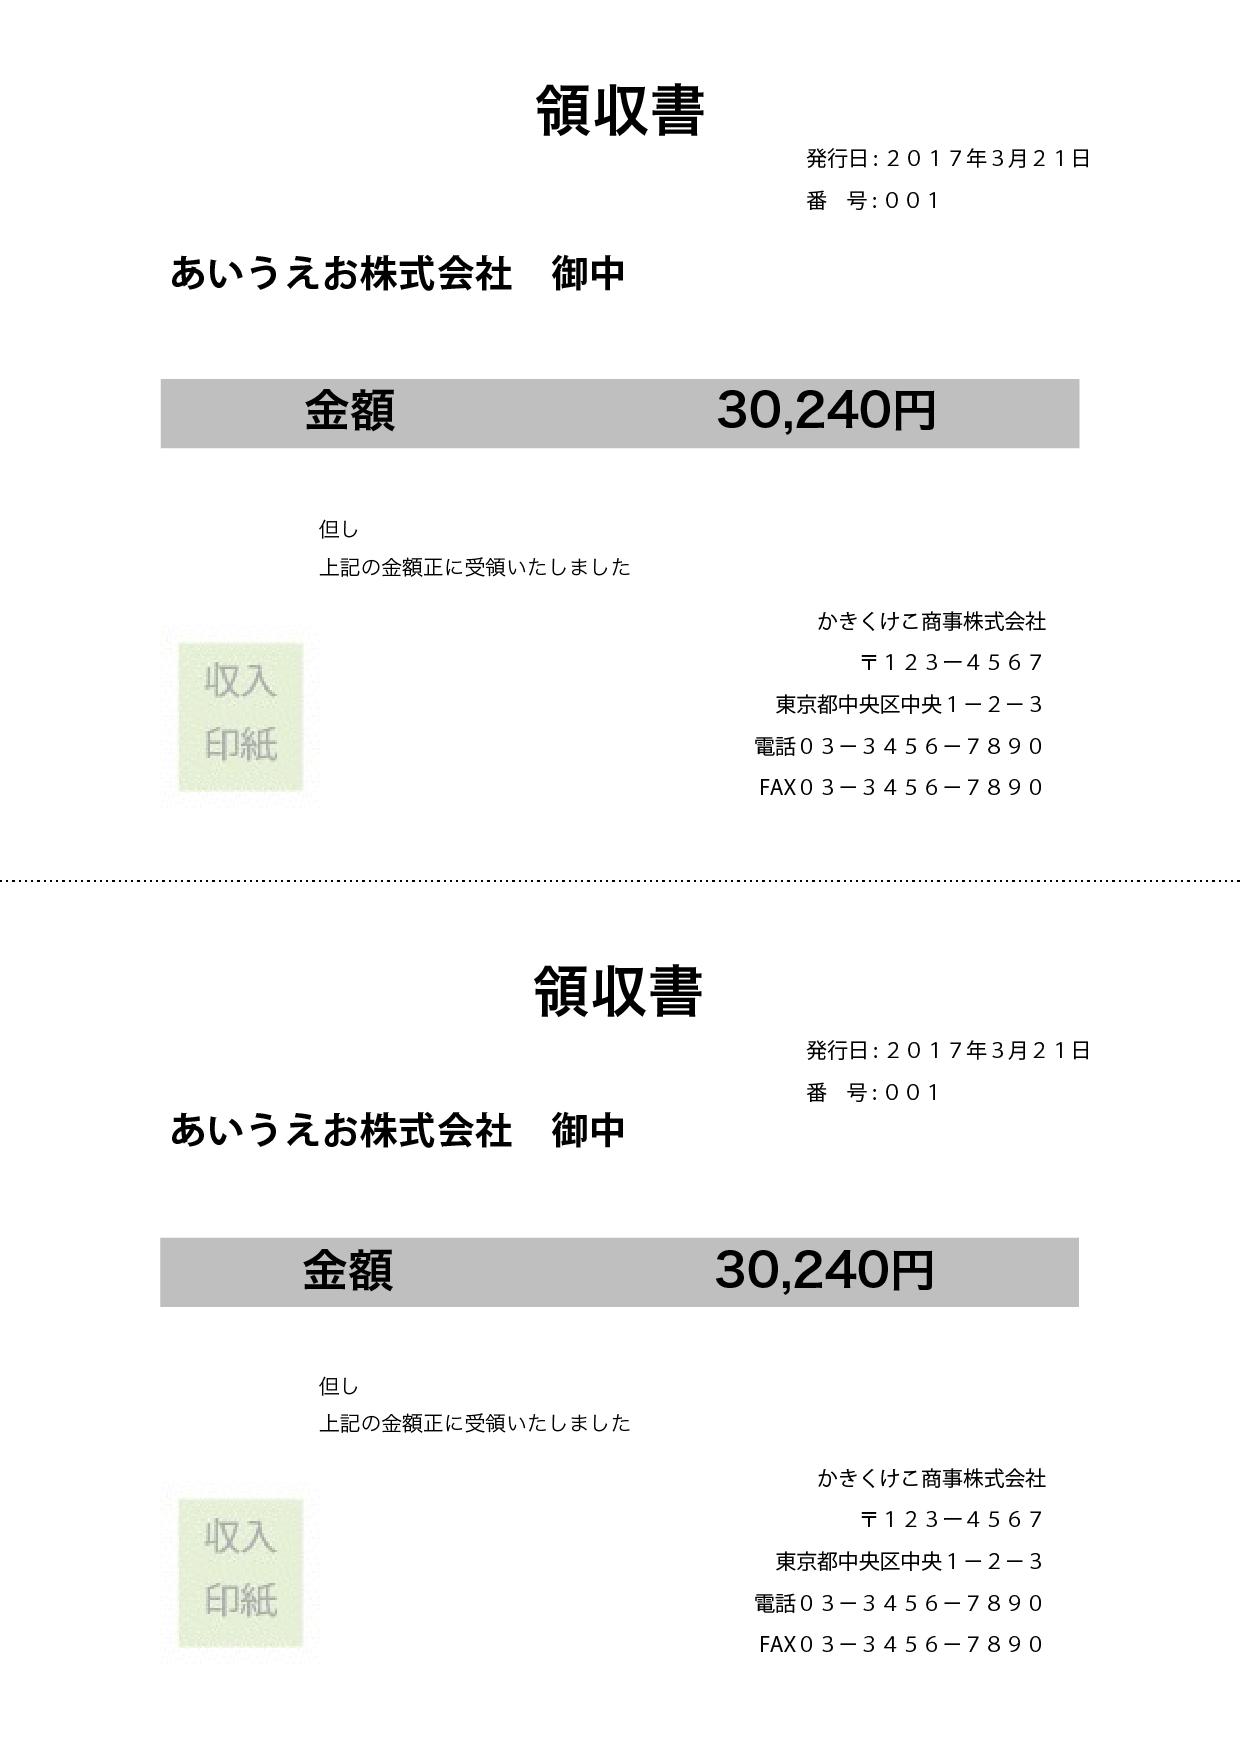 領収書テンプレート(ワード、ページズ)A4ハーフサイズ2枚